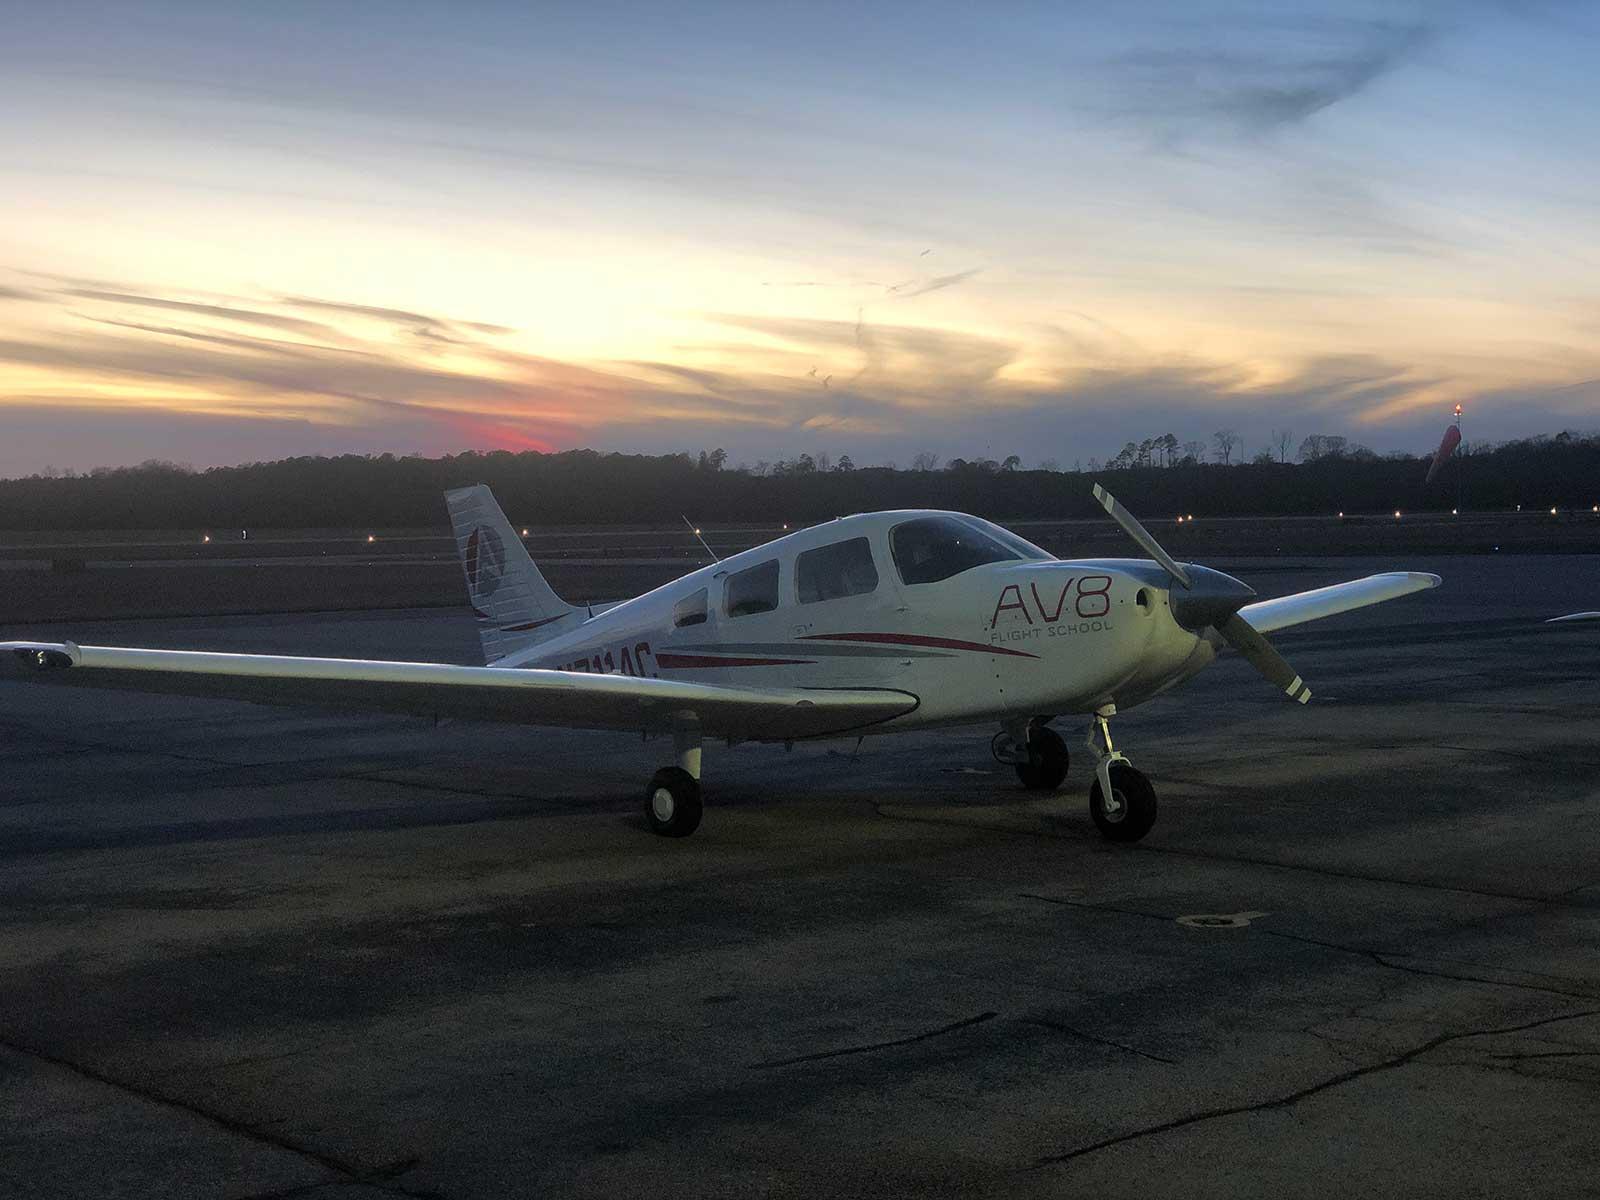 AV8 Flight School